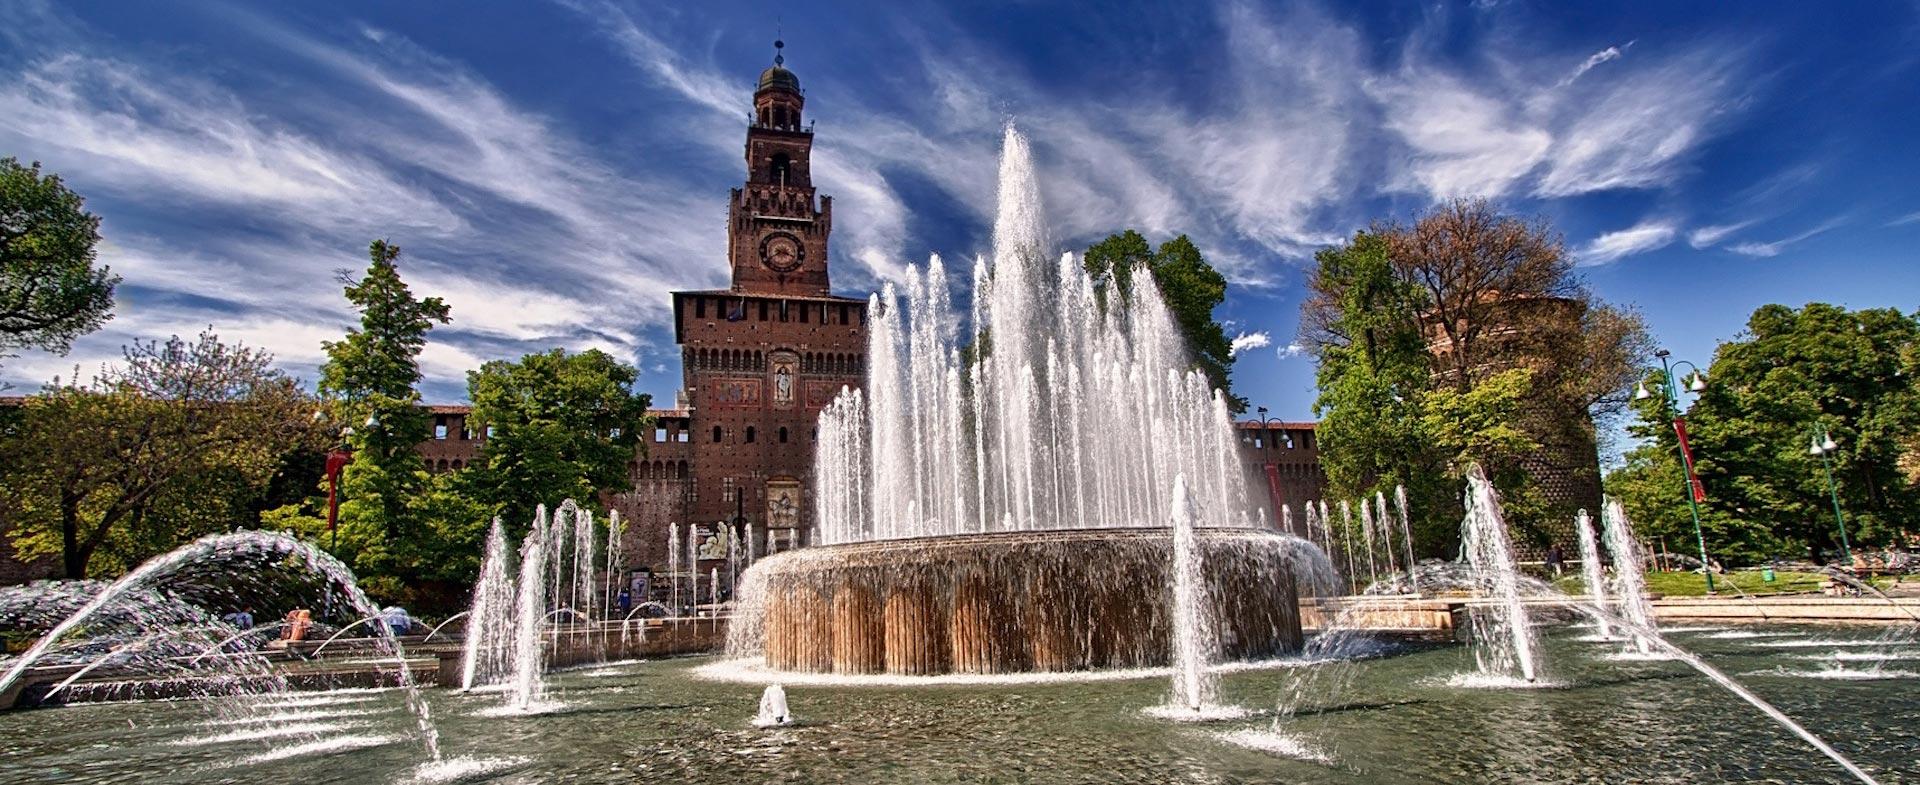 Discovering Milan